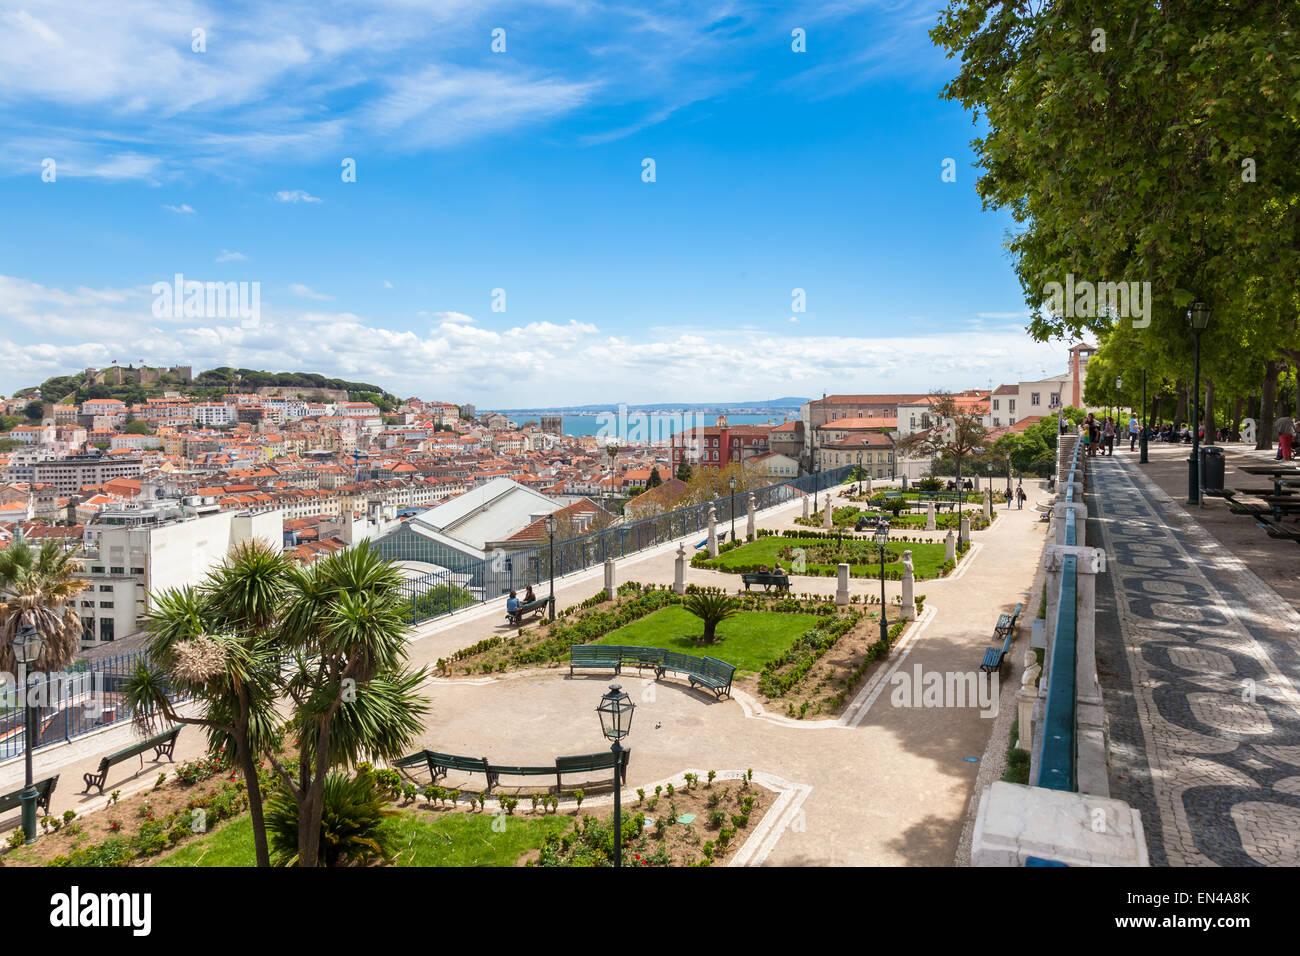 Lisbon rooftop from Sao Pedro de Alcantara viewpoint - Miradouro in Portugal - Stock Image